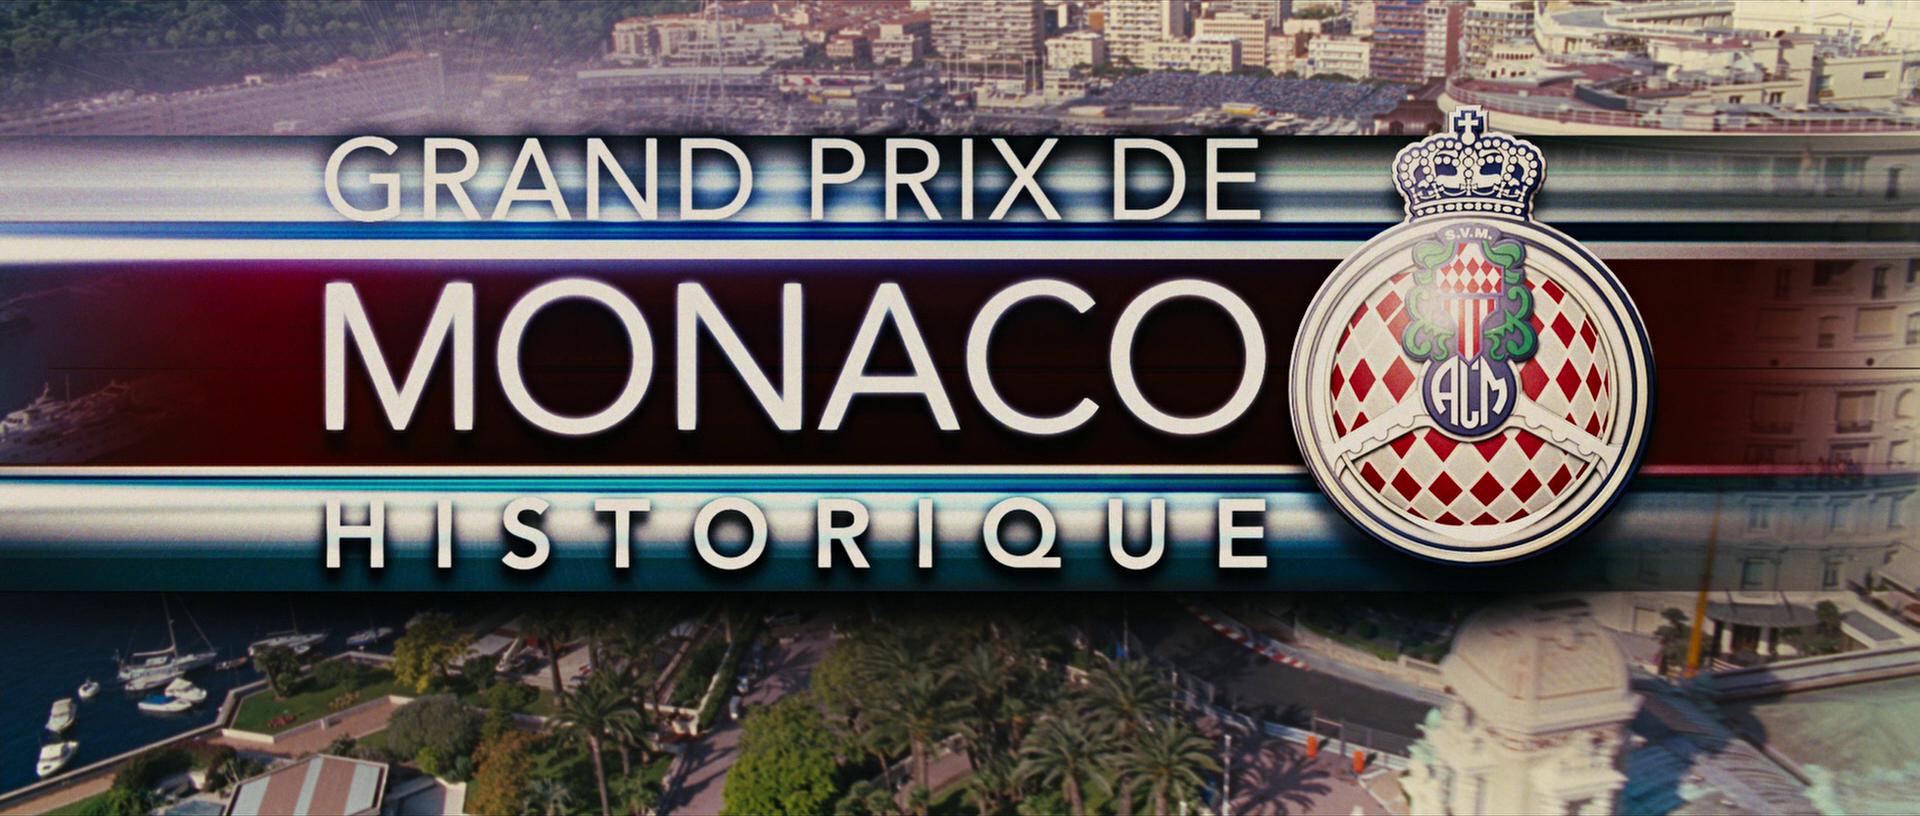 GPMH - Grand Premio Monaco Historique GrandPrixDeMonacoHistorique-IM2